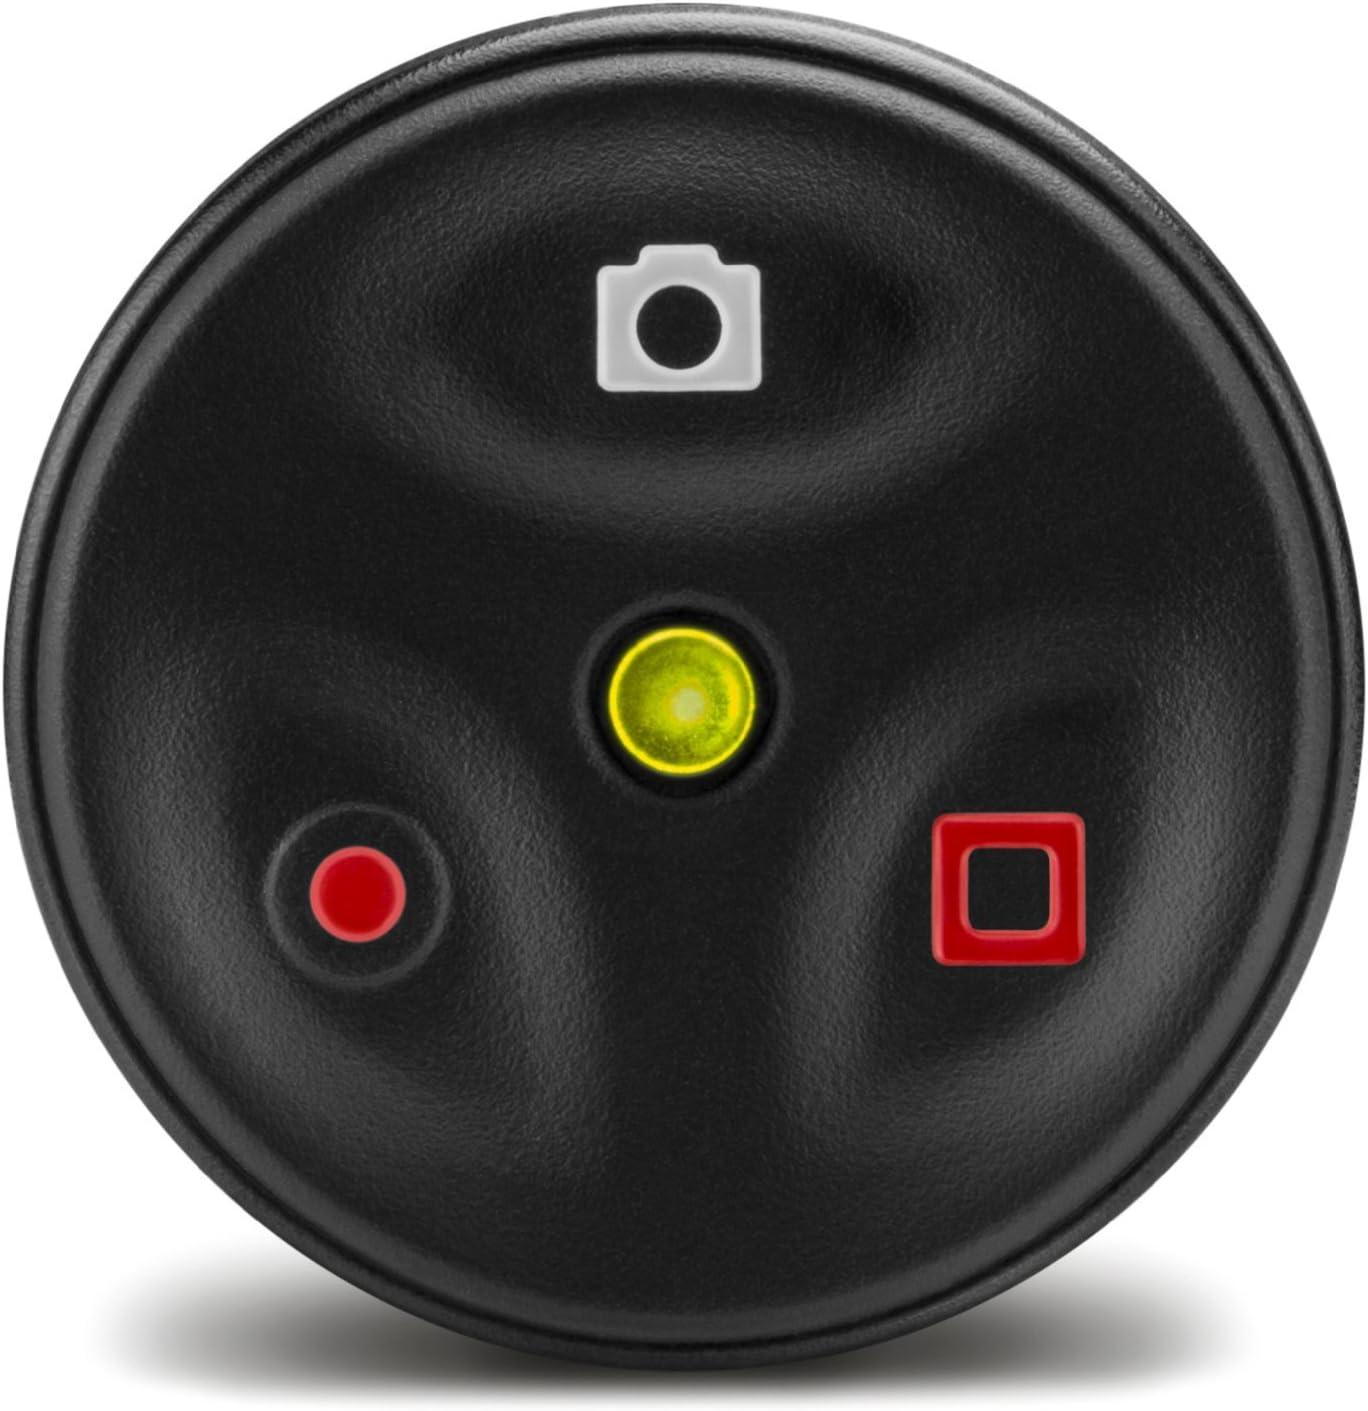 Garmin Edge Fernbedienung Steuerung Von Edge Kamera